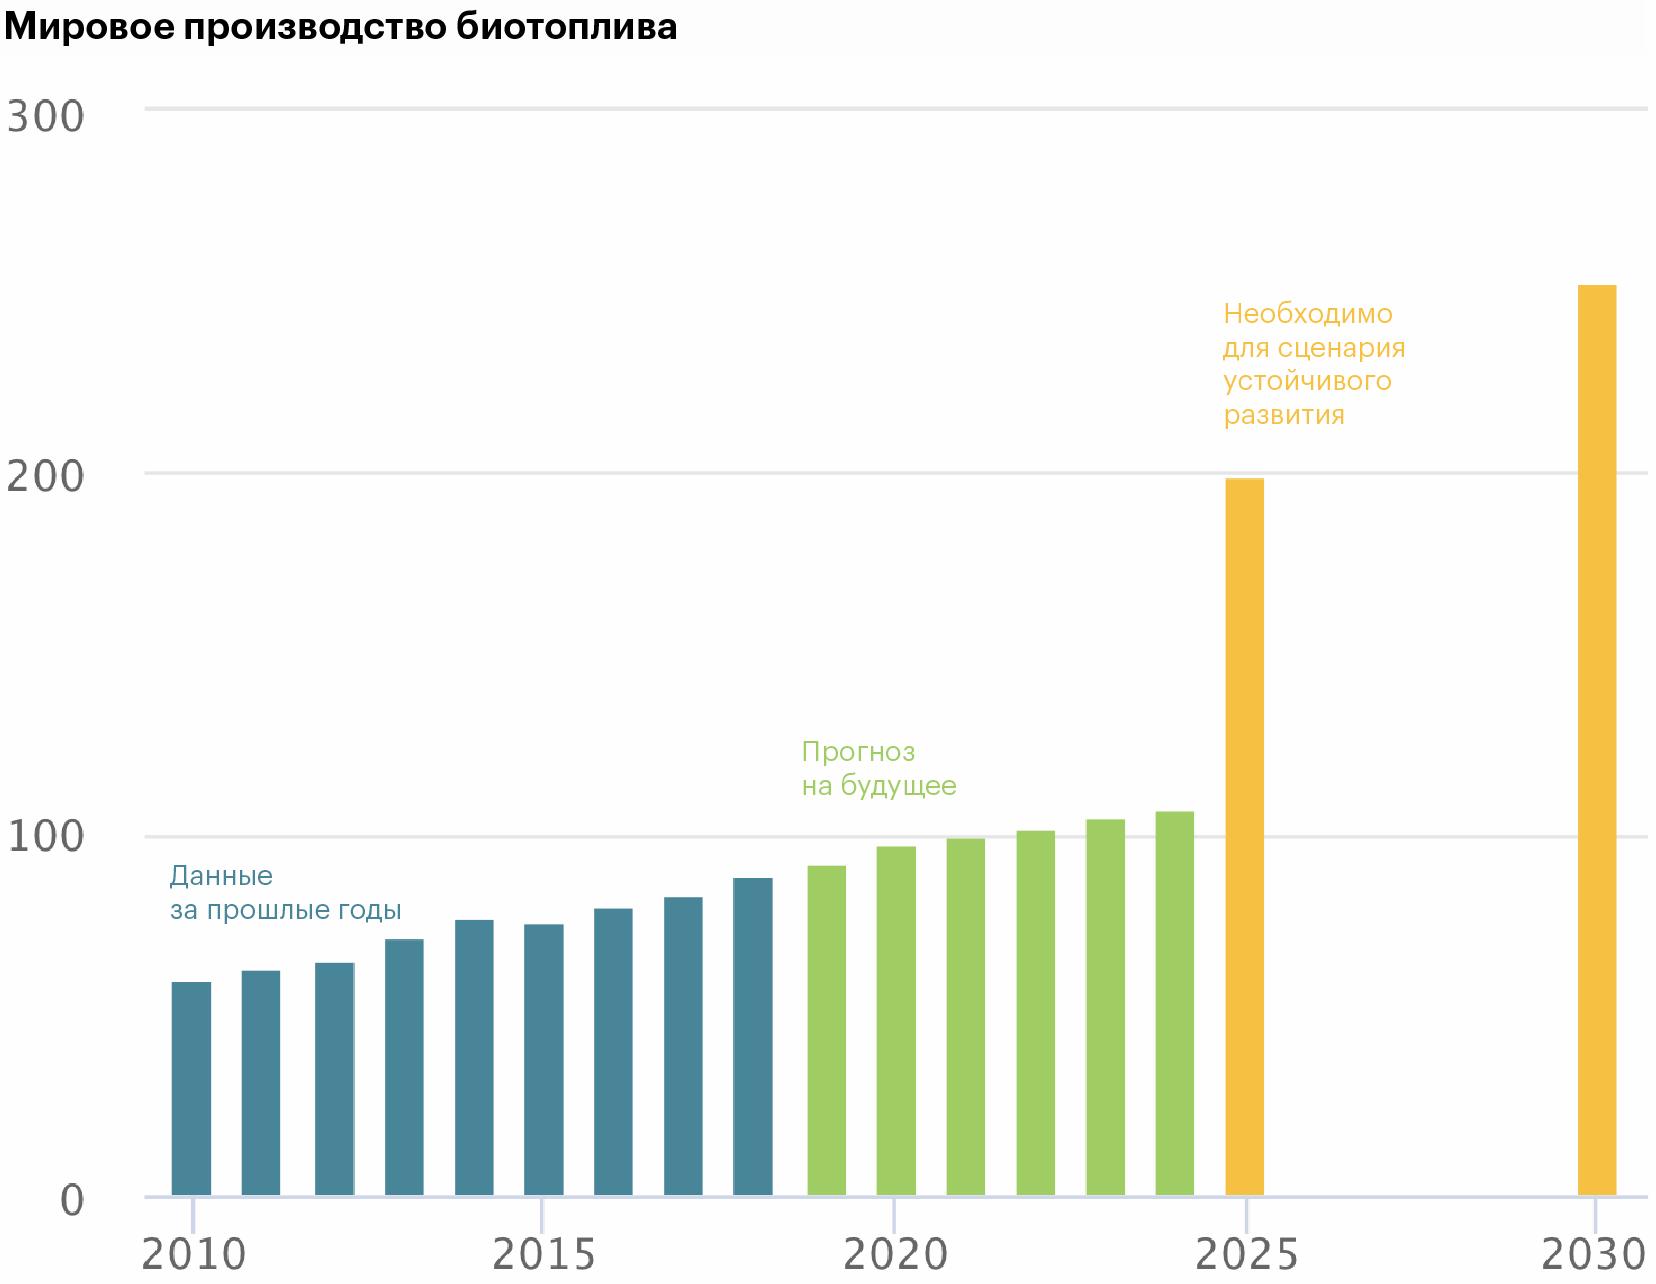 Синий — цифры производства за известные годы. Зеленый — прогнозы. Желтый — сколько нужно биотоплива для соответствия мирового энергетического сектора сценарию устойчивого развития (англ. sustainable development scenario, SDS) мировой энергетики, т. е. плану следования разных стран Парижскому соглашению 2015 года о снижении выбросов в атмосферу.) Источник:Международное Энергетическое Агентство